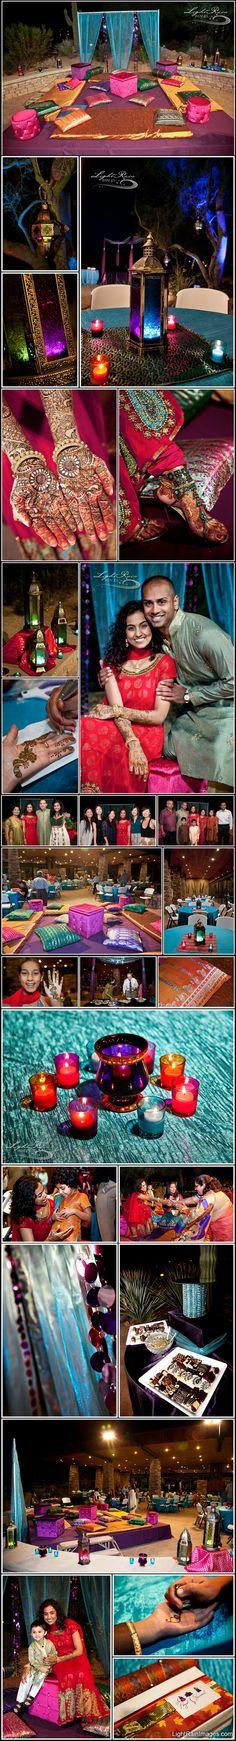 Backyard Wedding Reception Setup Lanterns 53 Ideas For 2019 Moroccan Party, Moroccan Theme, Desi Wedding, Wedding Reception, Wedding Backyard, Wedding Ideas, Wedding Images, Wedding Colors, Wedding Inspiration